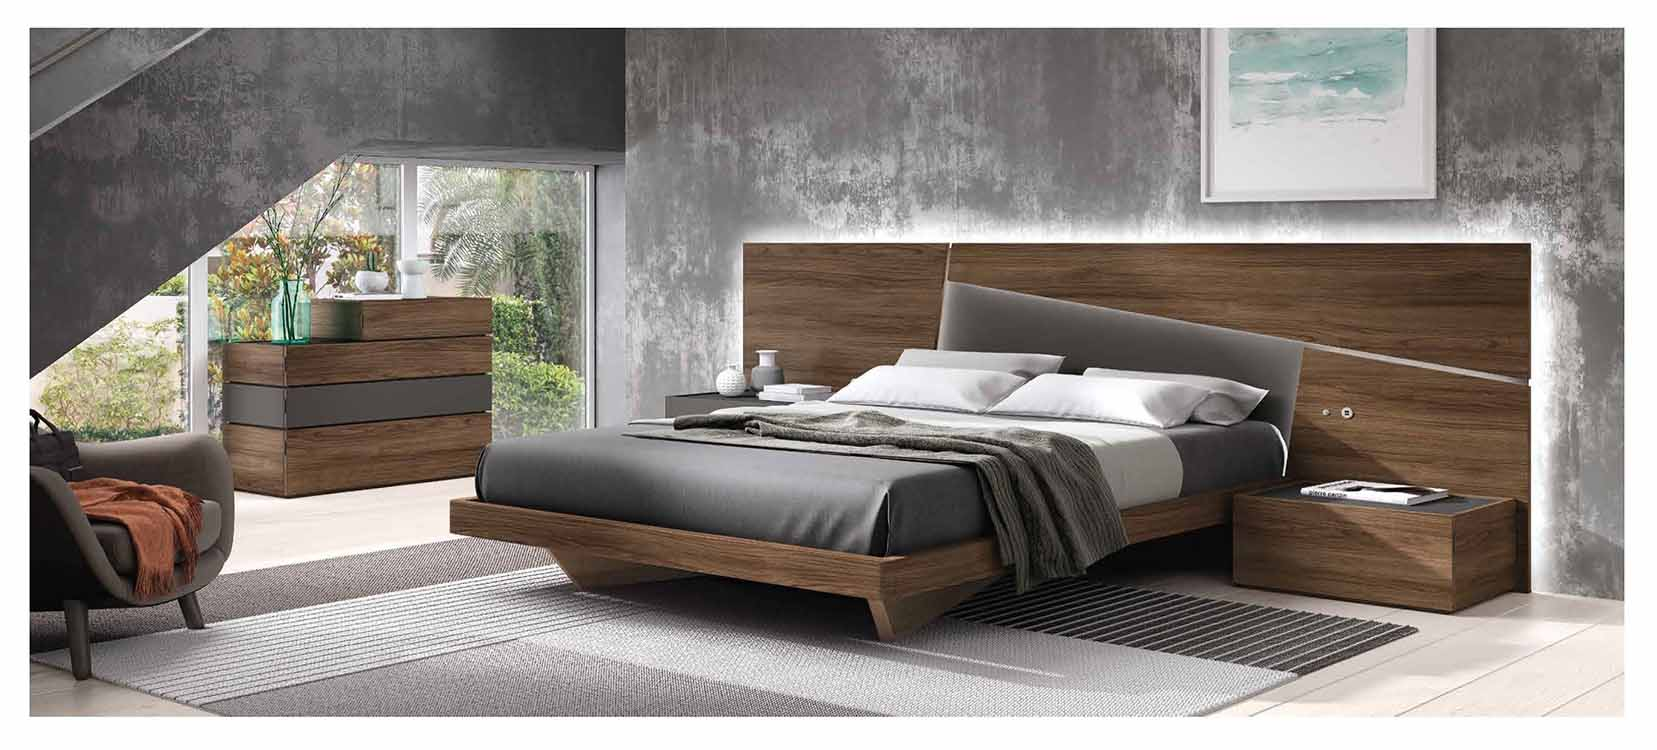 Muebles de dormitorio de roble 20170731161157 for Muebles de dormitorio